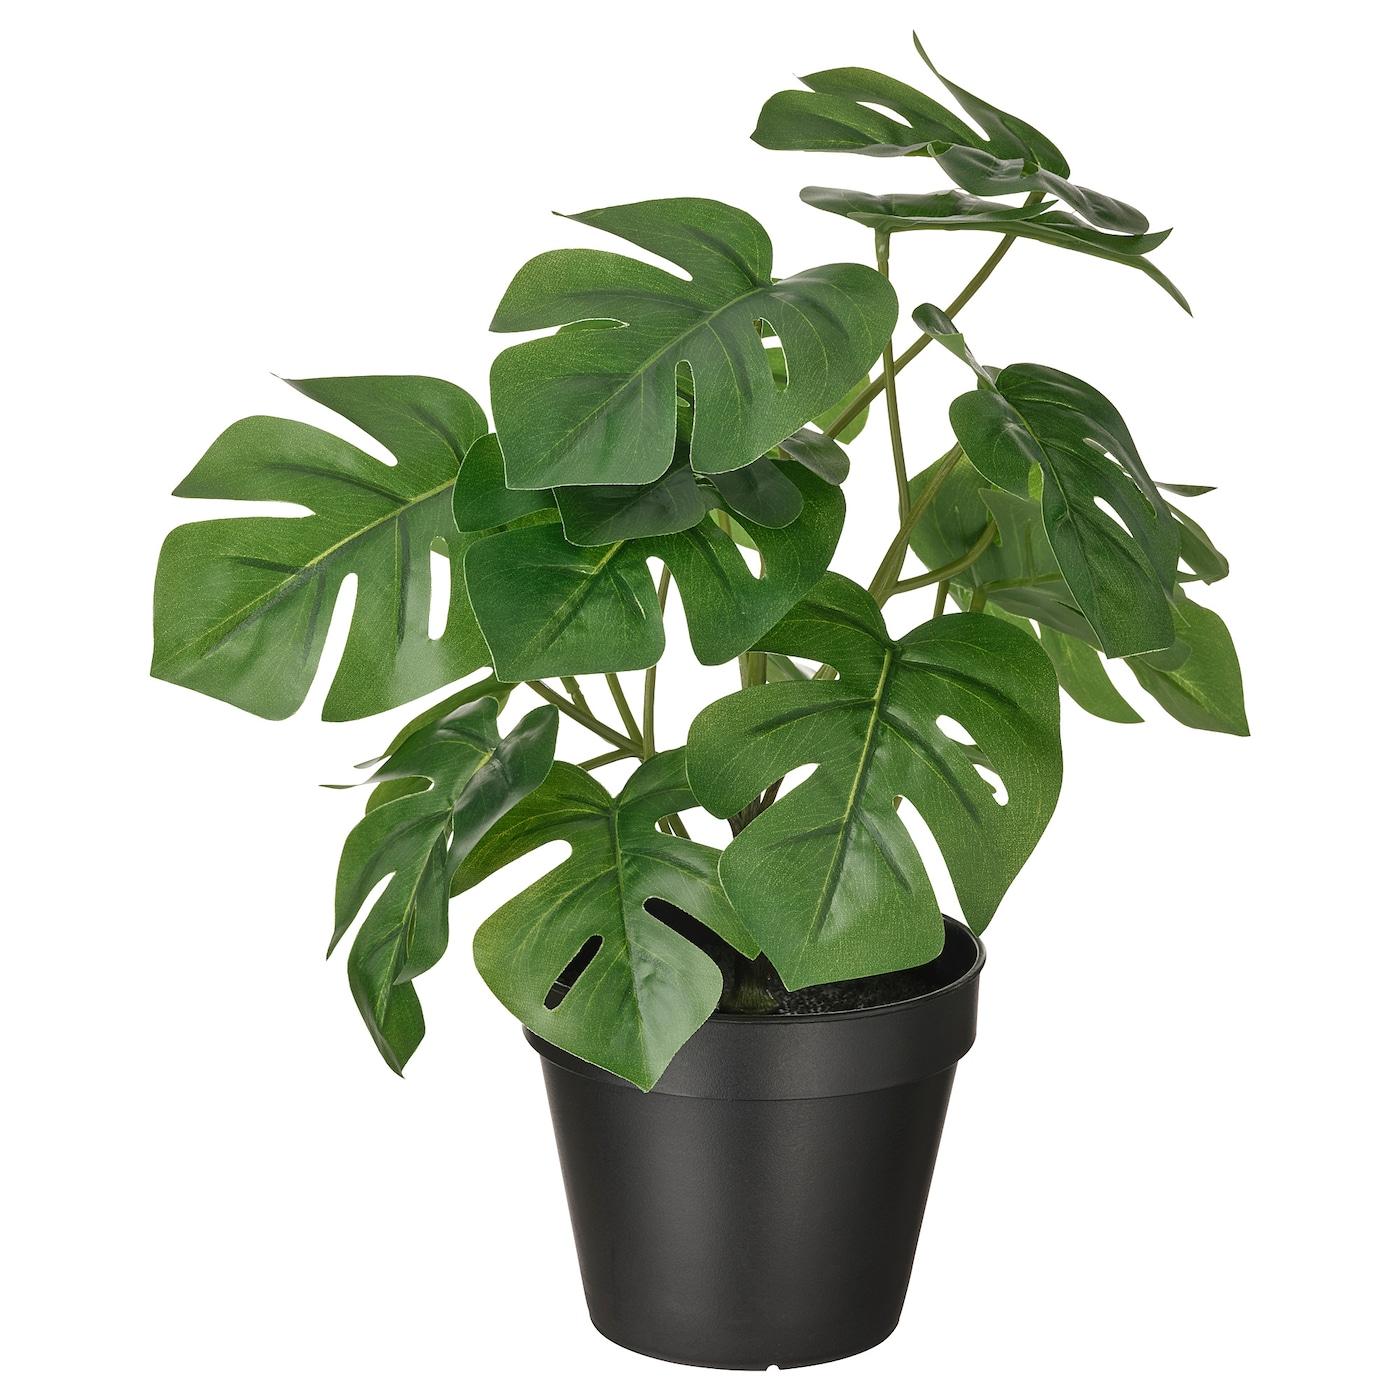 FEJKA Plante artificielle en pot, intérieur/extérieur monstera12 cm